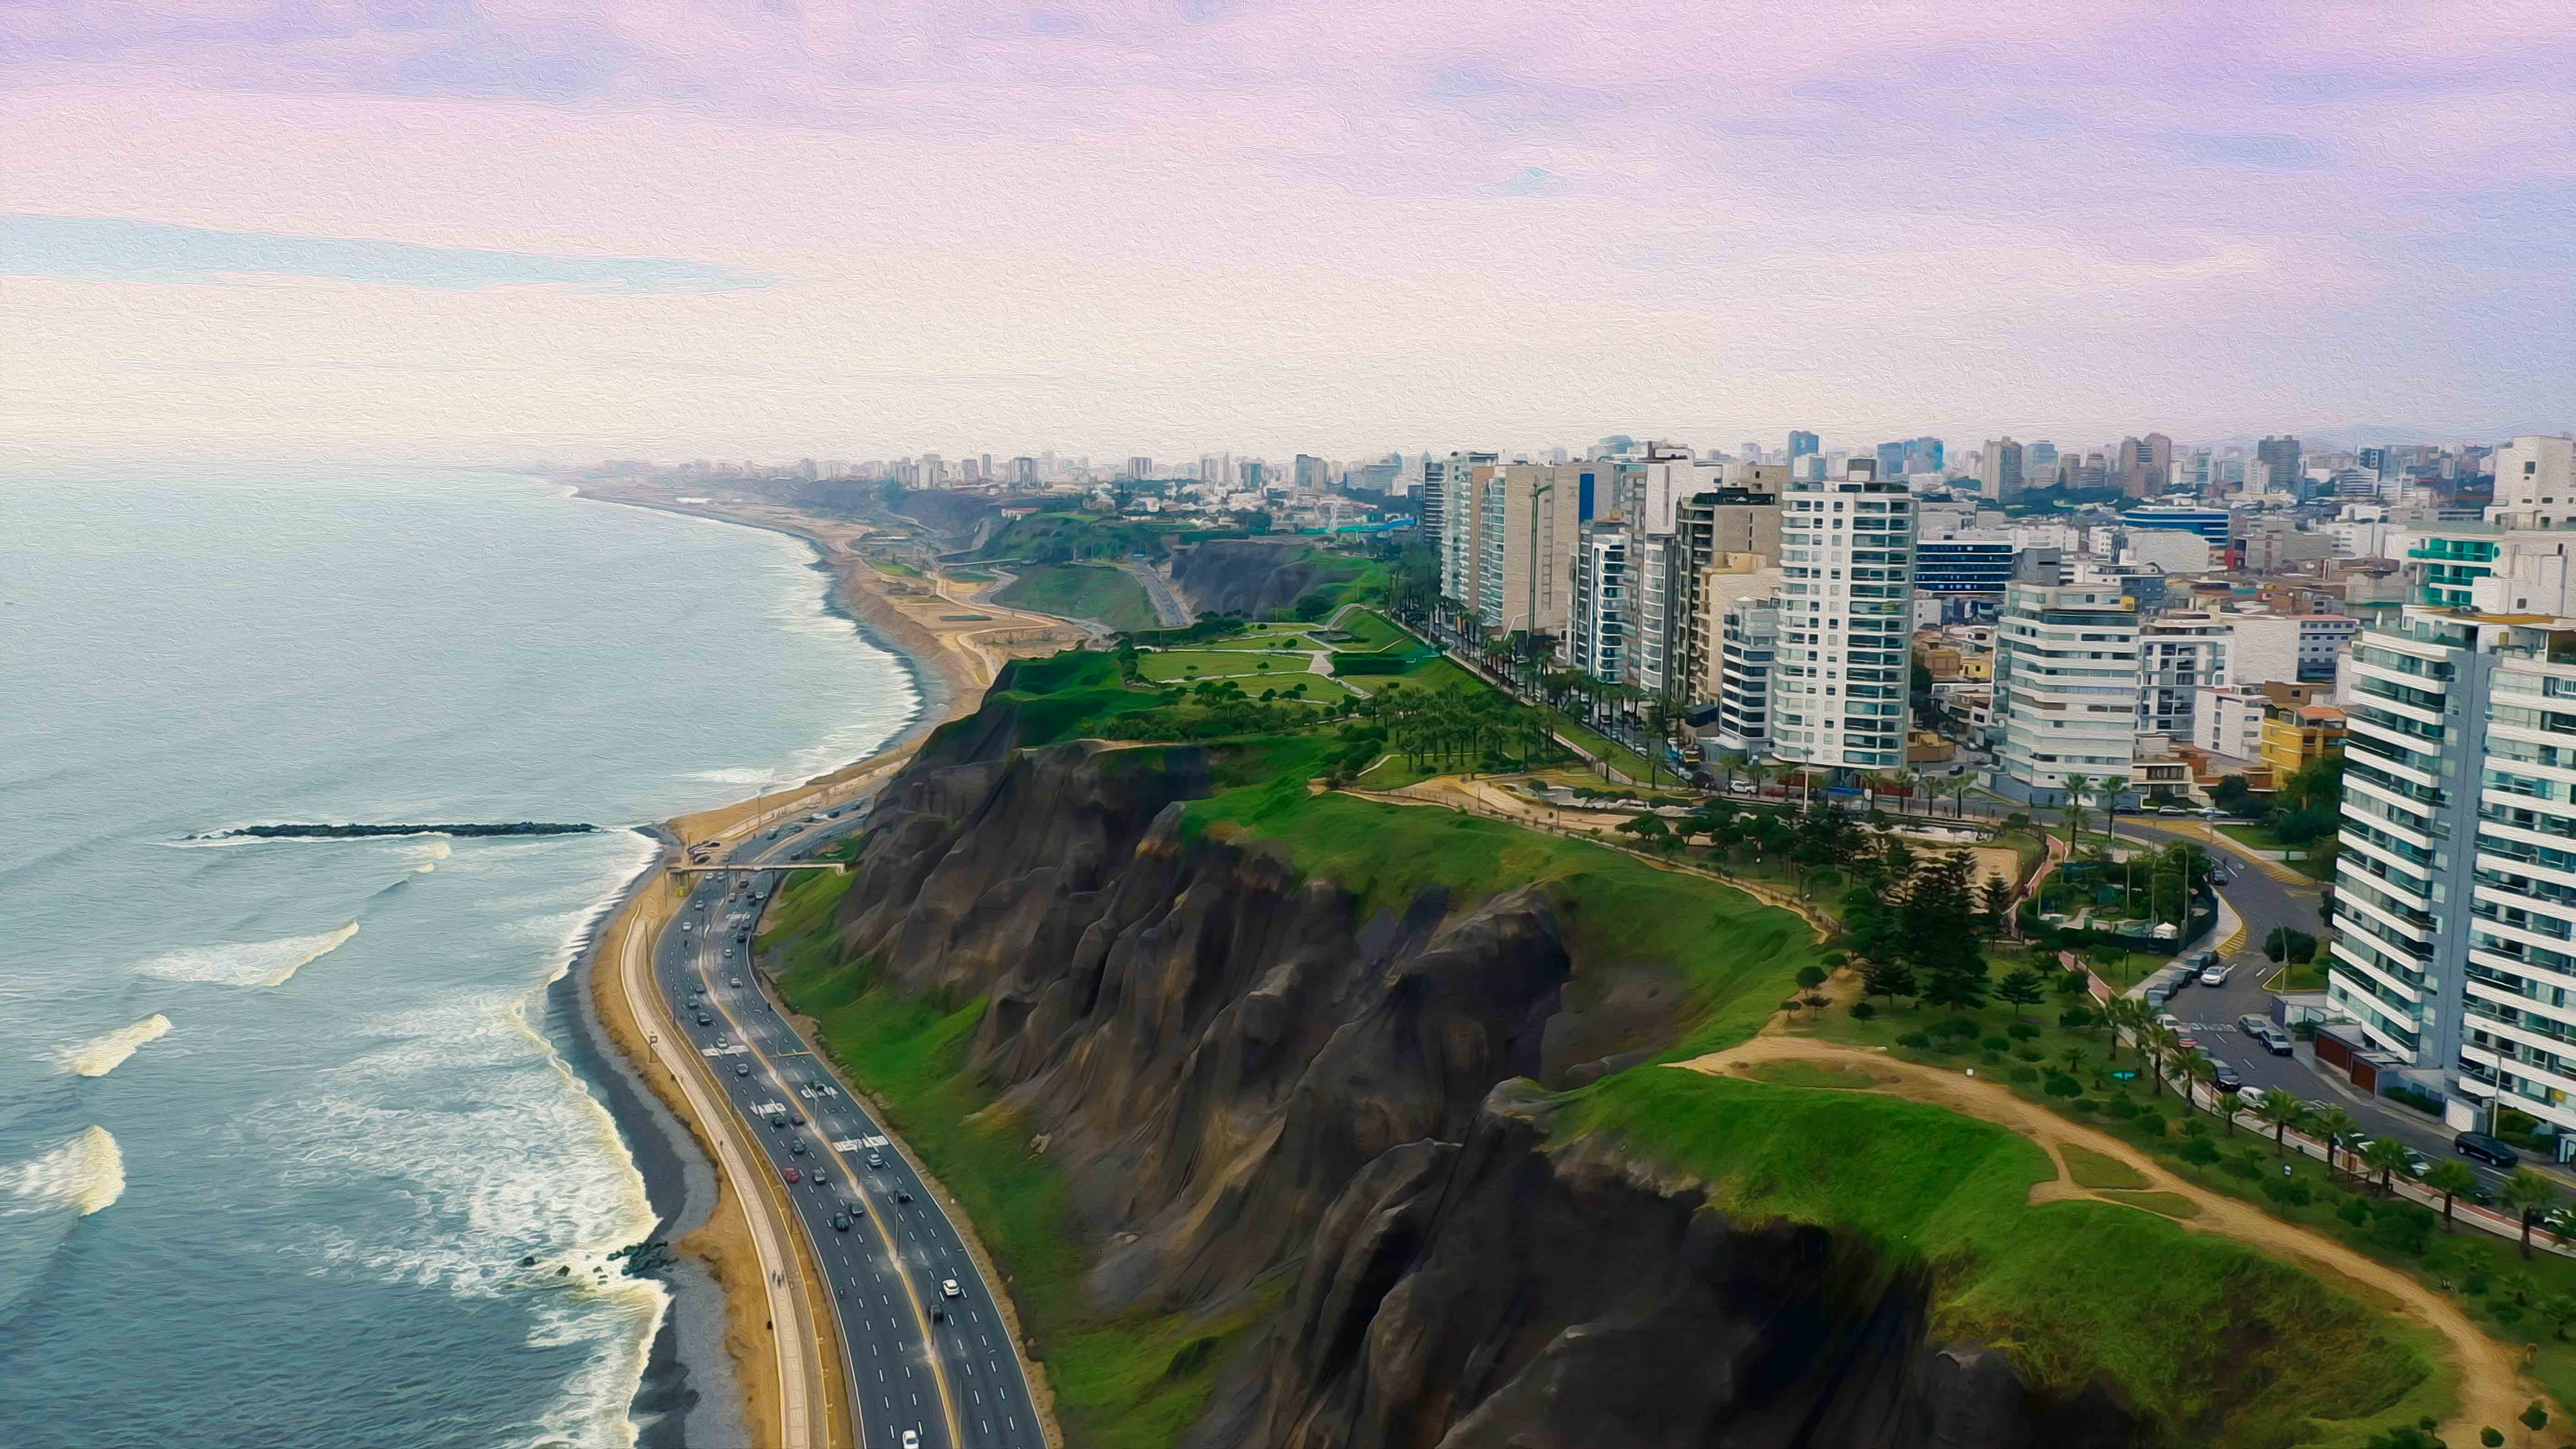 vivienda-distritos-como-miraflores-san-isidro-la-molina-refuerzan-su-aislamiento-inmobiliario